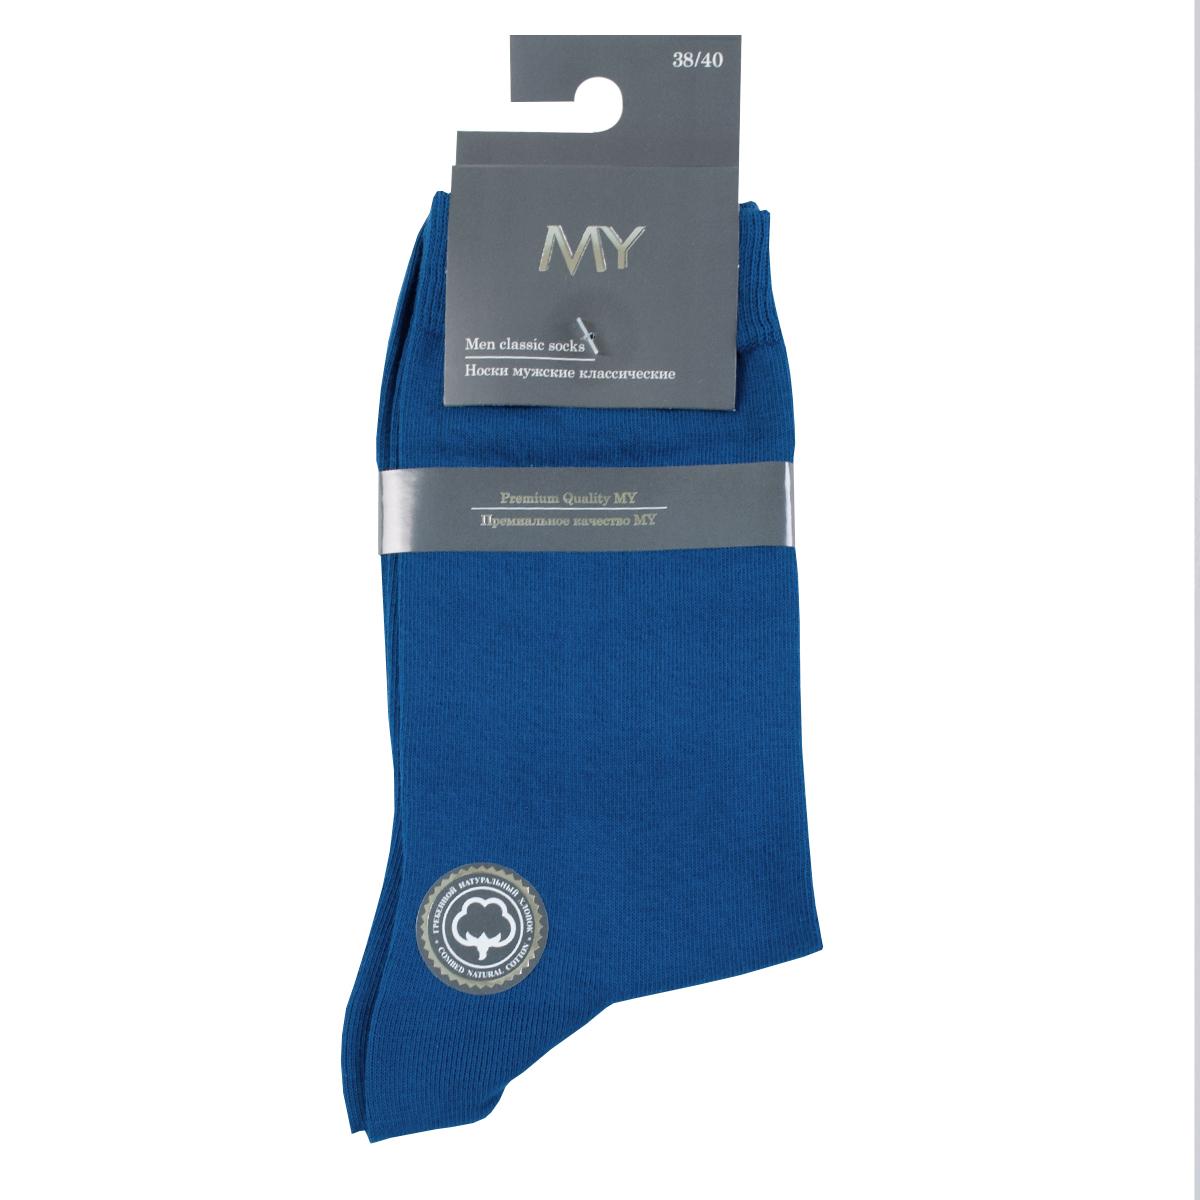 Носки мужские Mirey, цвет: темно-синий. MSC 002. Размер (41/43)MSC 002Классические тонкие мужские носки от Mirey выполнены из хлопка с эластаном. Усиленный мысок и пятка, комфортная двойная резинка, круглый шов.